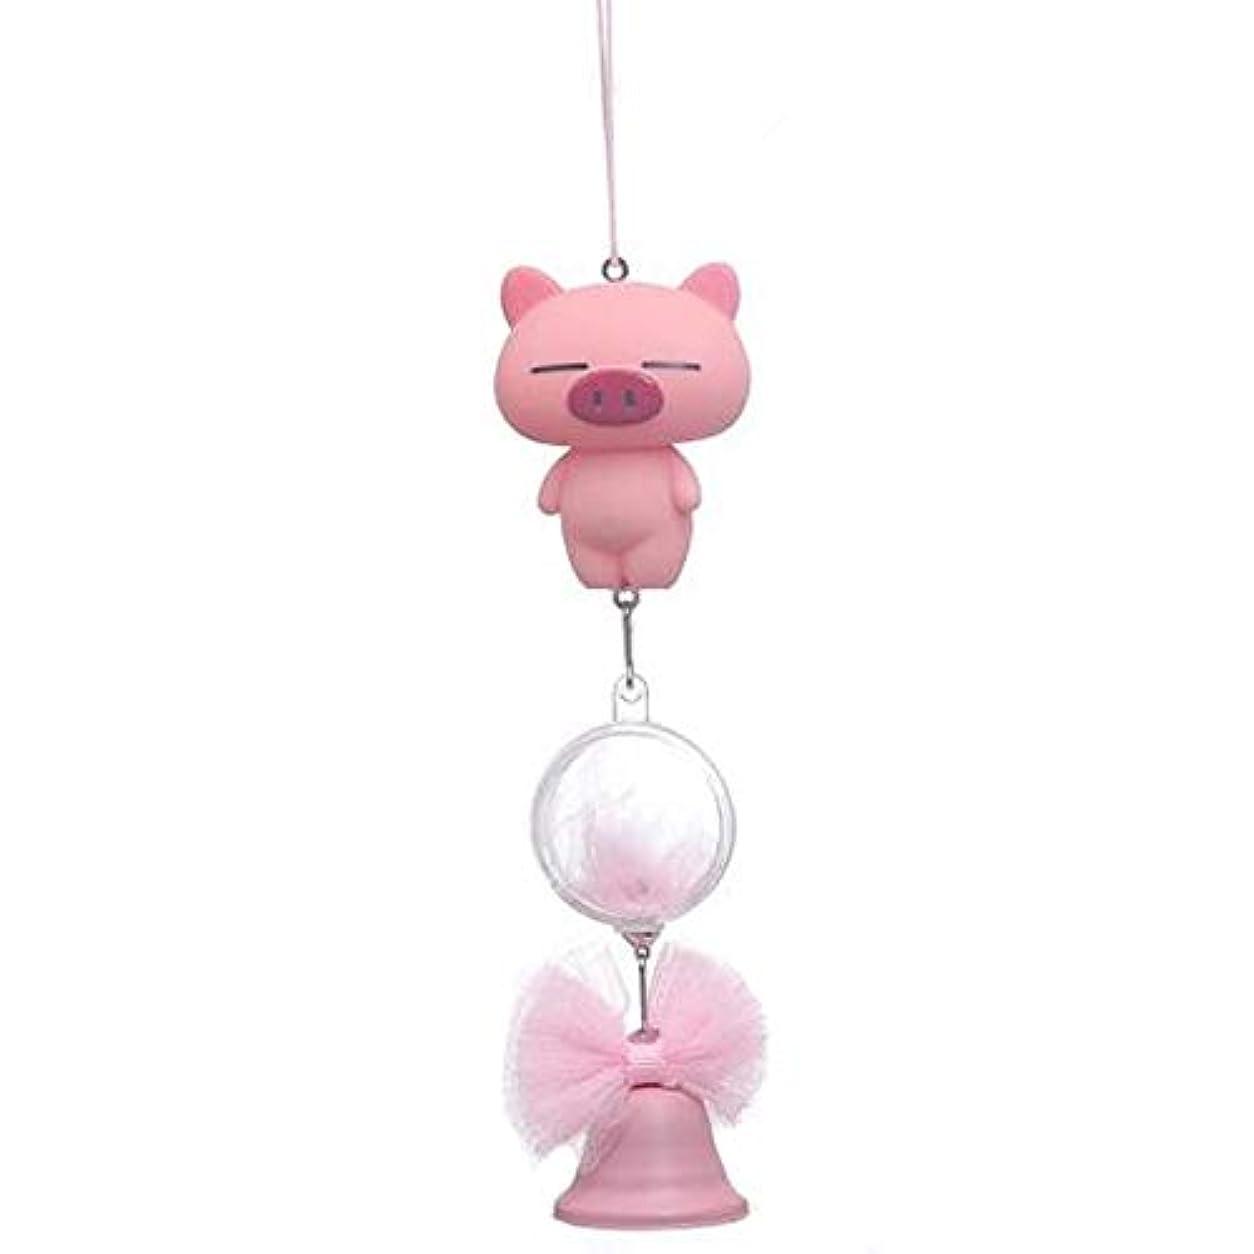 シャープ金曜日戦略Hongyuantongxun 風チャイム、シリコーン素材クリエイティブ豚の風チャイム、パープル、全身について27cmの,、装飾品ペンダント (Color : Pink)